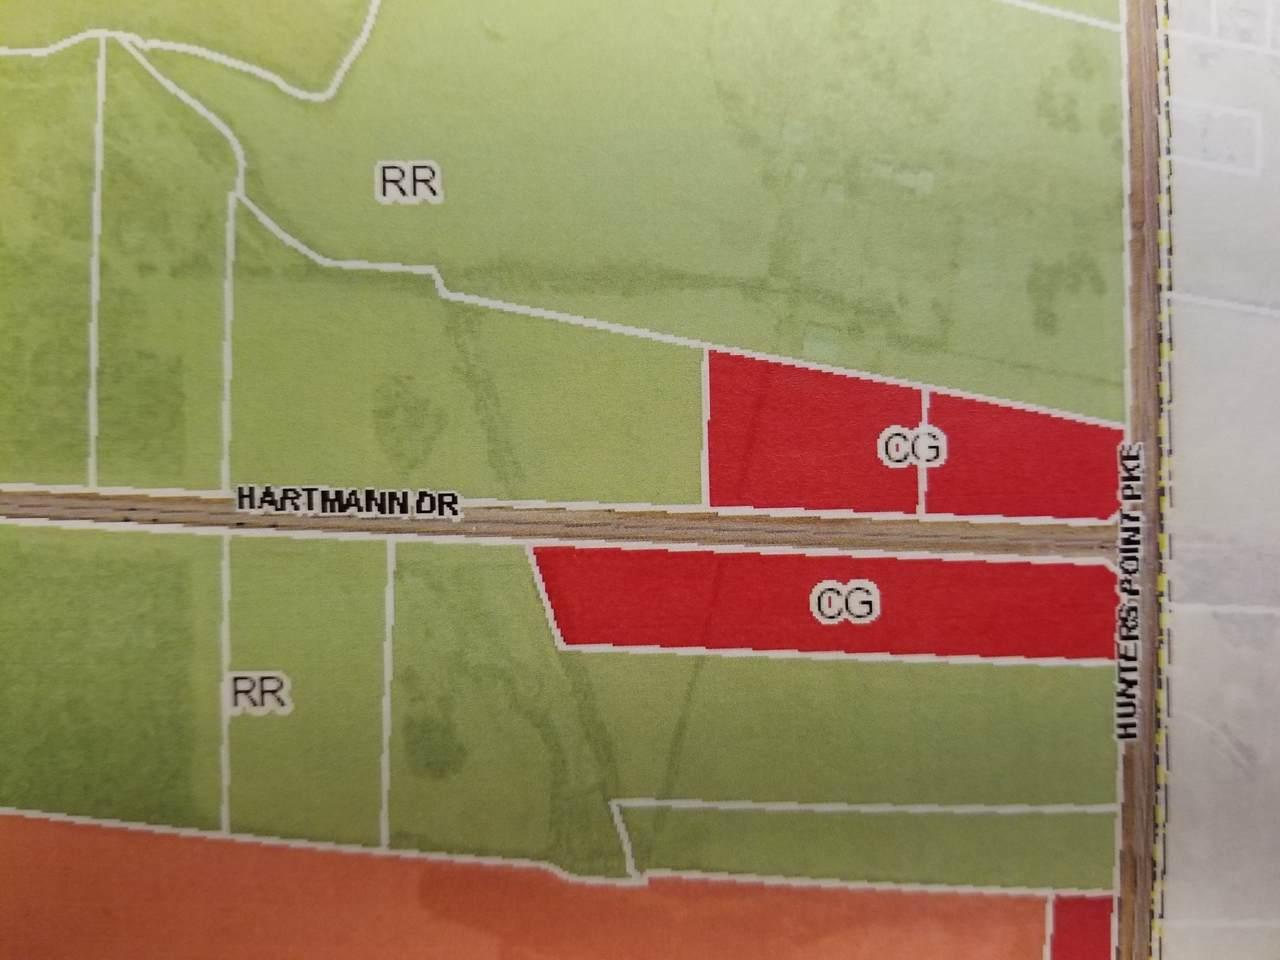 4 Highway 231 / Hartmann Dr - Photo 1